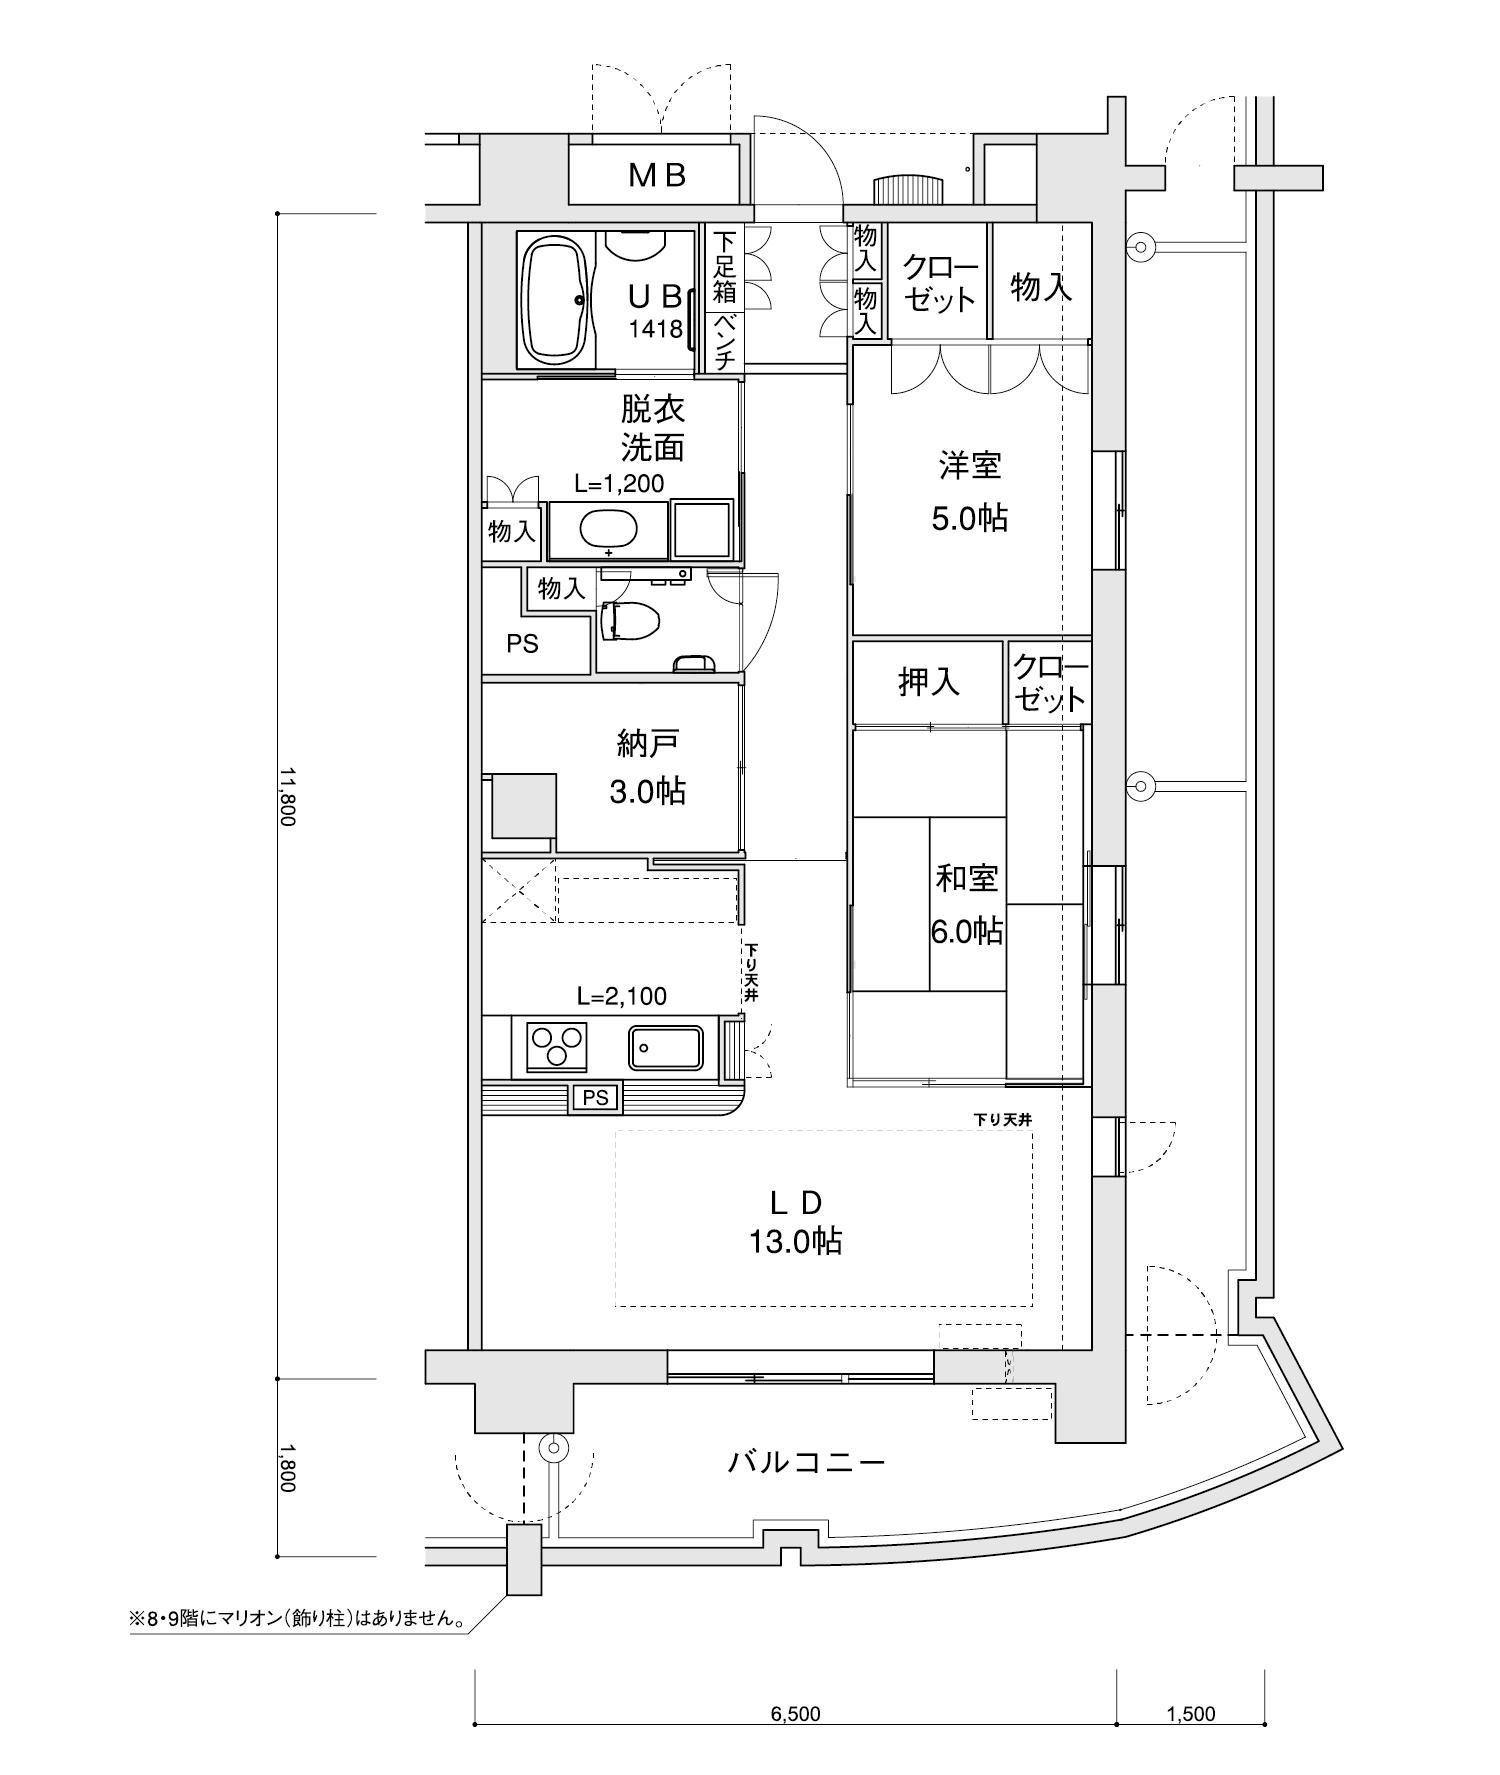 907-H12LDK+納戸専有面積 / 76.70m²